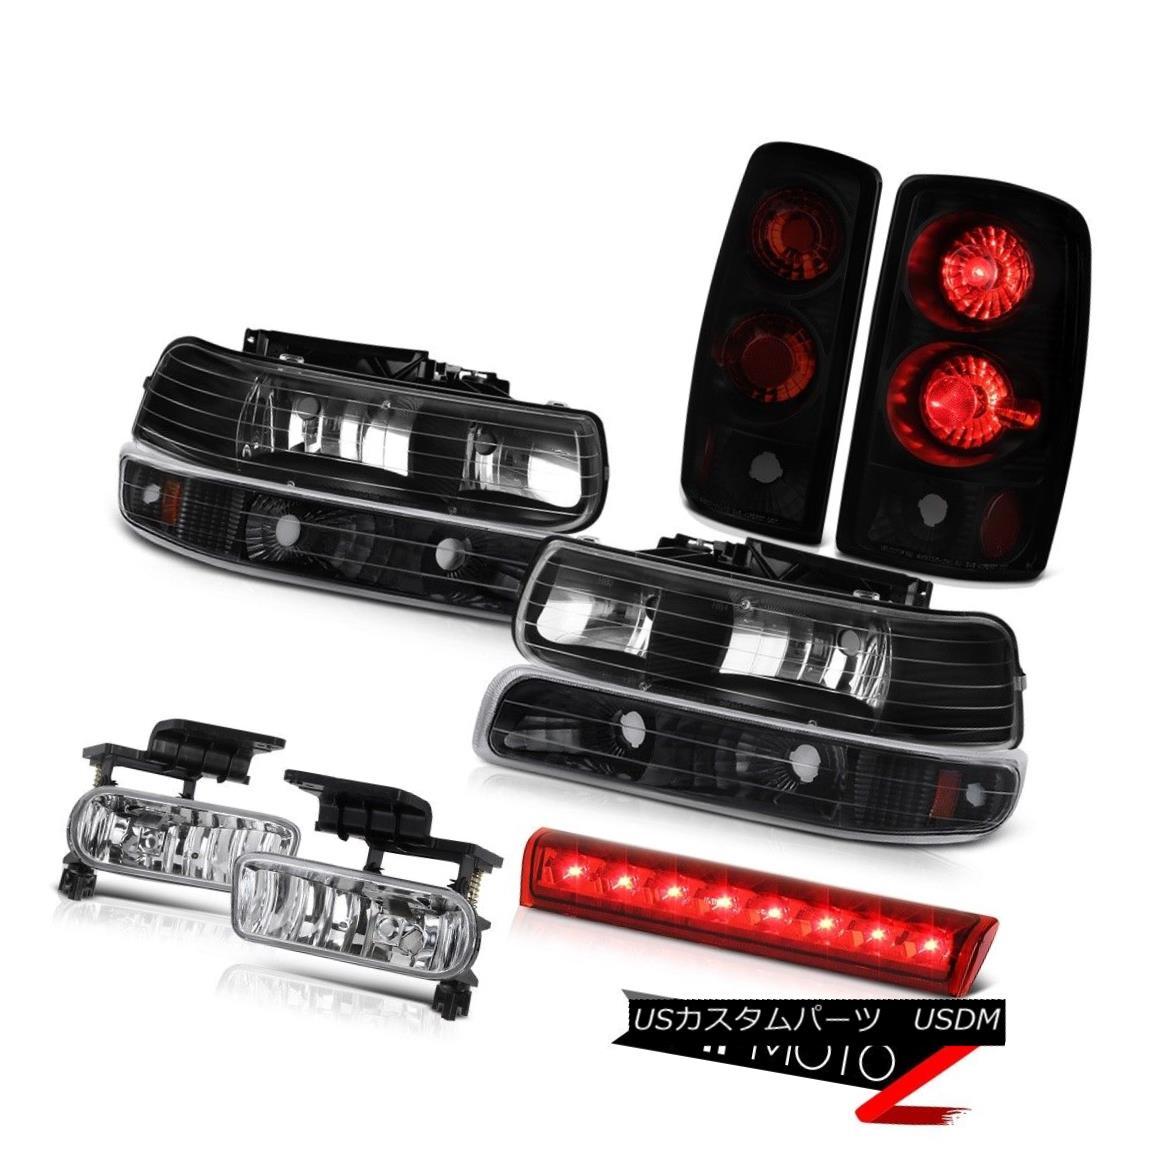 ヘッドライト 00-06 Chevy Suburban LT Roof cargo light foglights rear brake lights headlights 00-06シボレー郊外LT屋根カーゴライトフォグライトリアブレーキライトヘッドライト